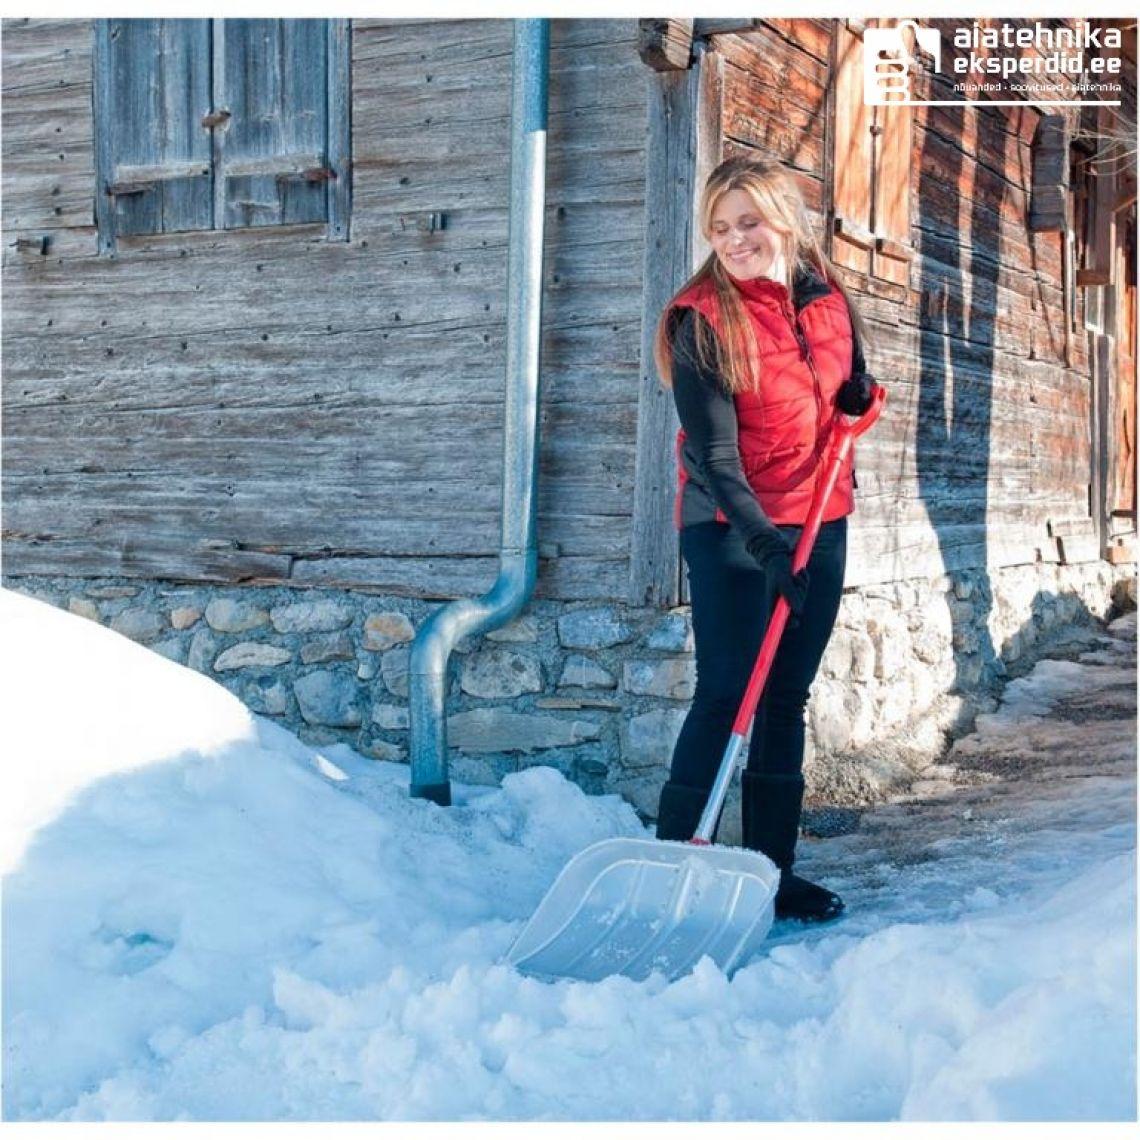 Muuda lumelükkamine hõlpsaks